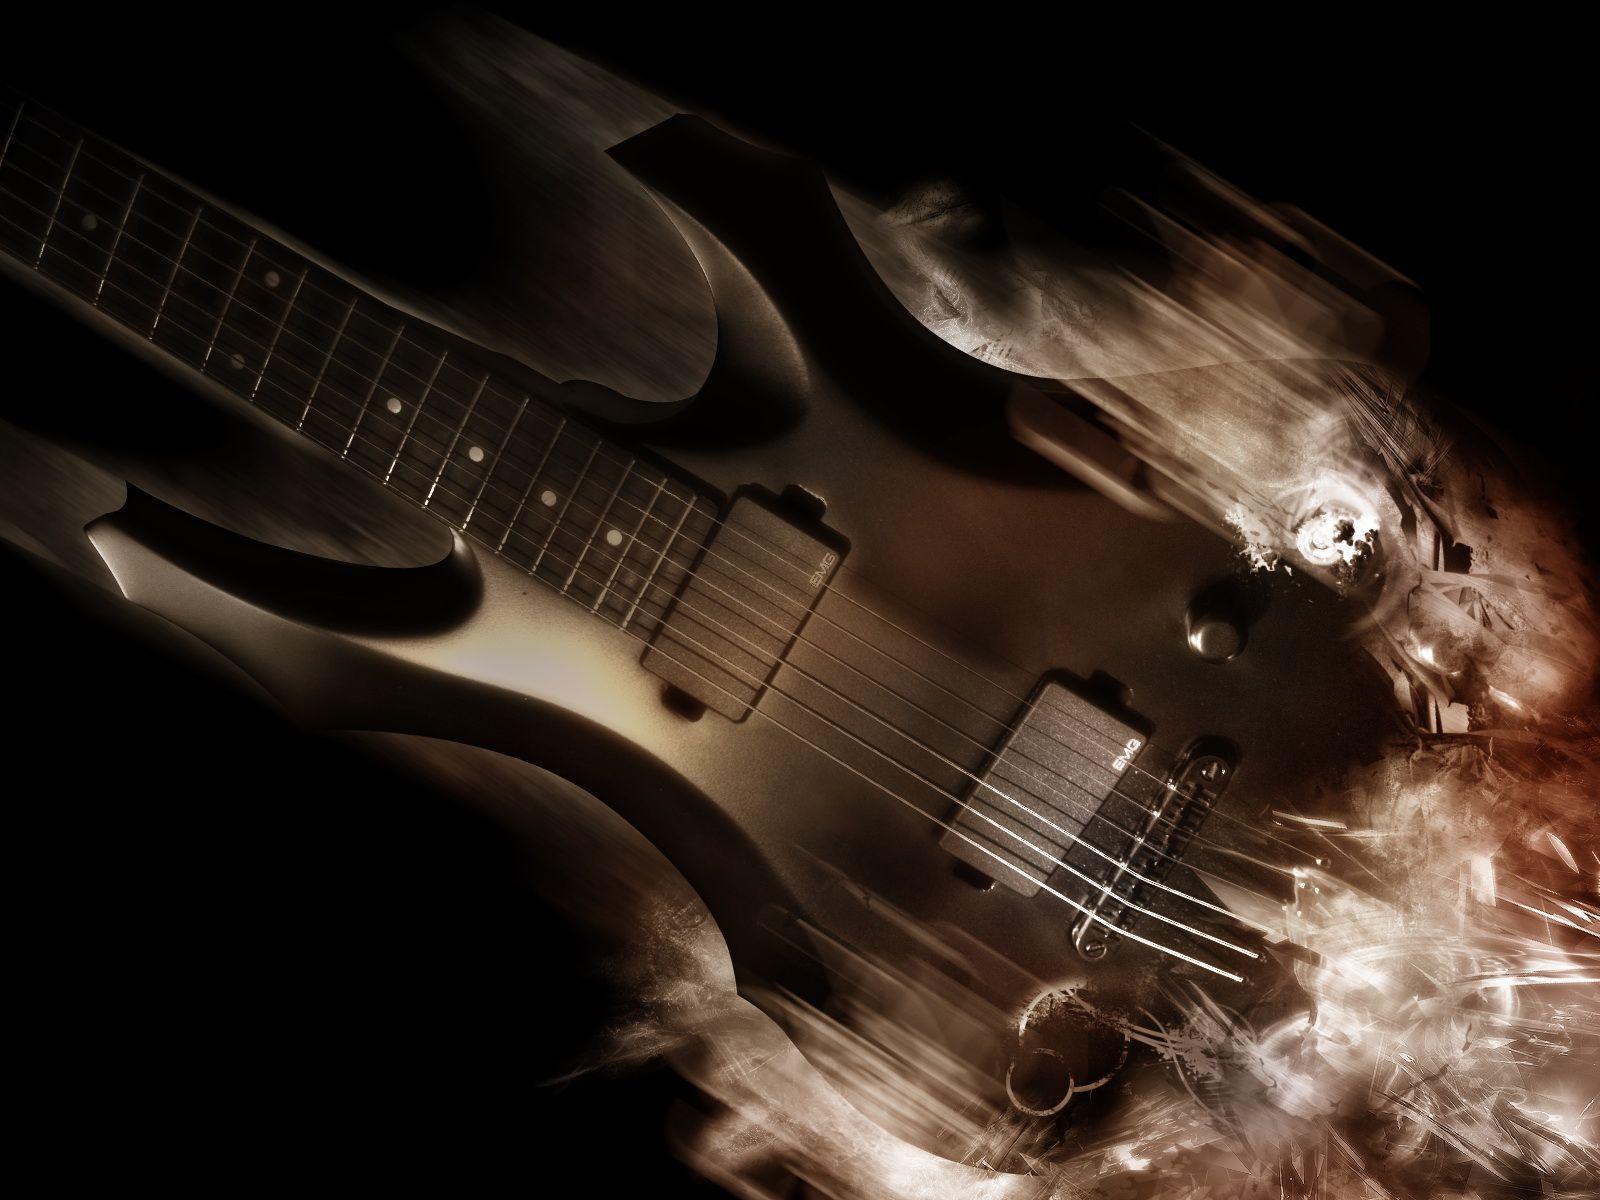 Rock guitar wallpapers hd wallpaper cave - Cool guitar wallpaper ...